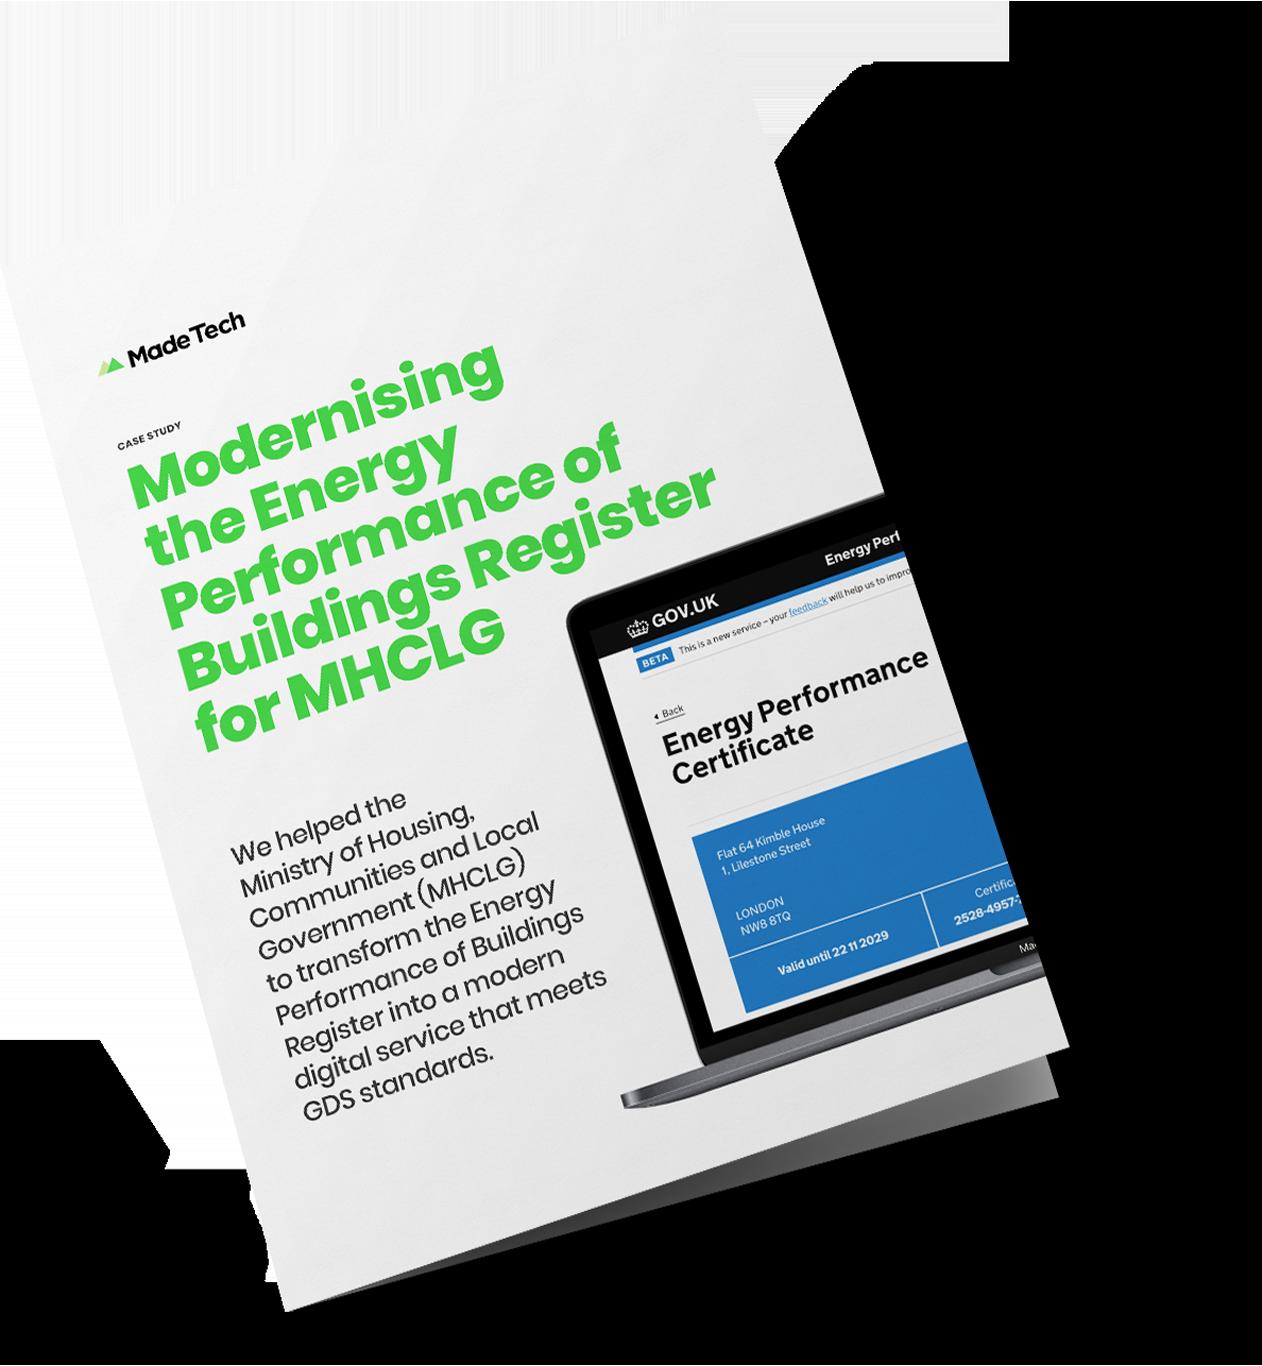 Modernising the Energy Performance of Buildings Register for MHCLG case study cover